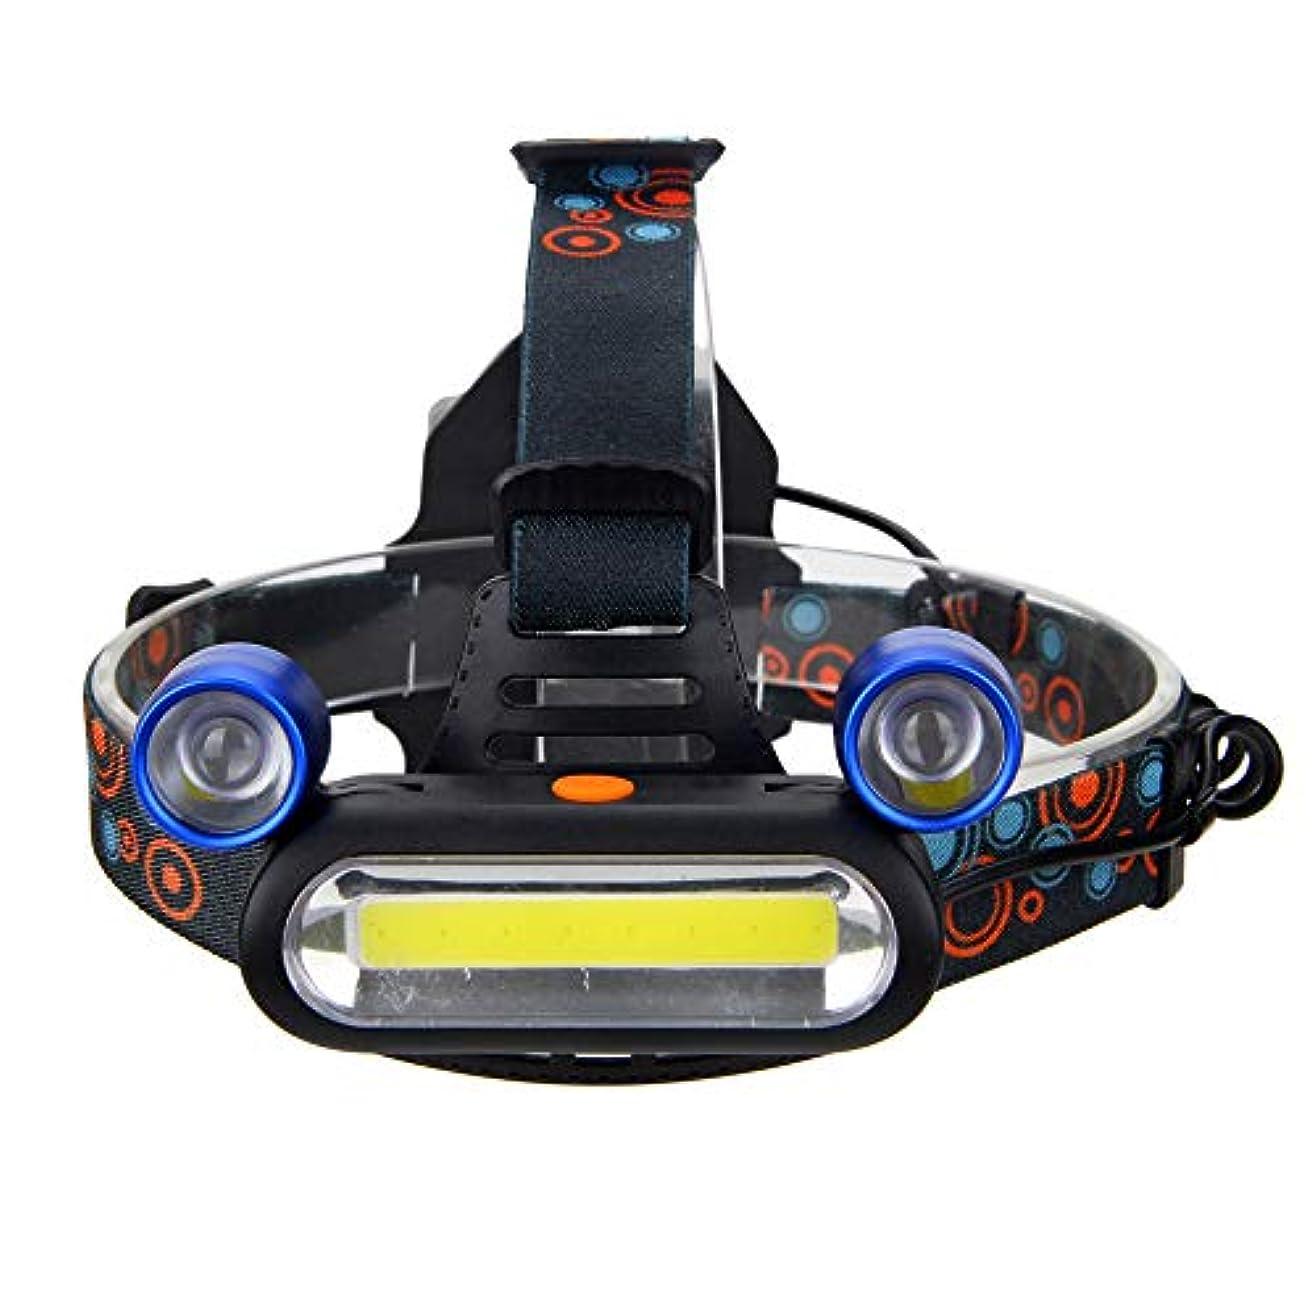 浪費タイマー間隔発信スタイルの楽しみCOB LEDミニヘッドランプ釣りキャンプヘッドライトヘッドランプトーチ8000Lm 3モード